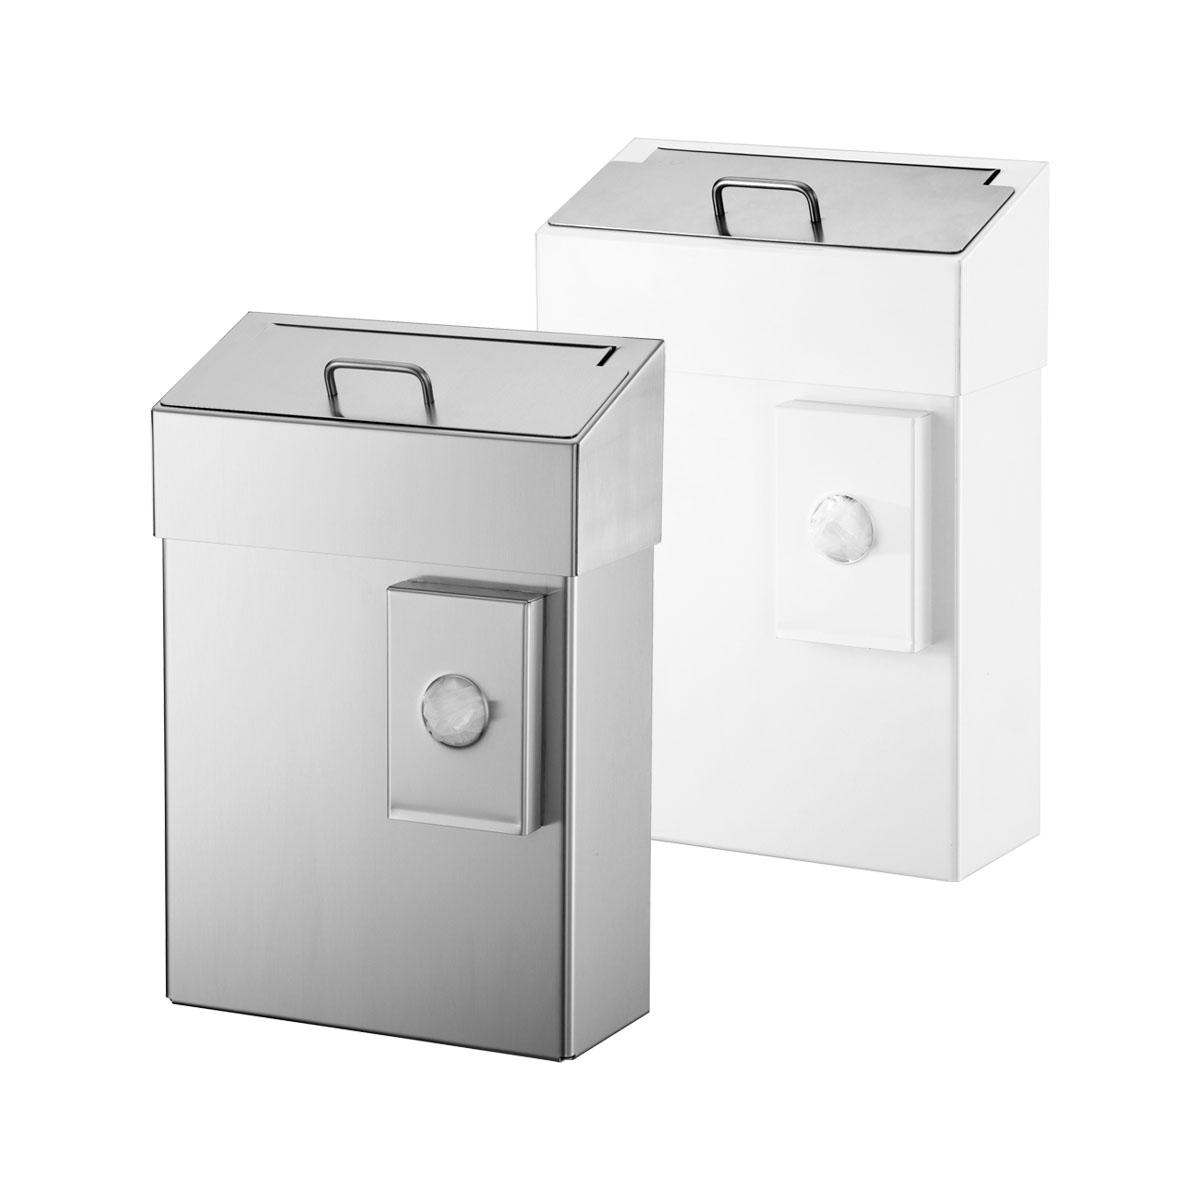 Hygieneabfallbehälter